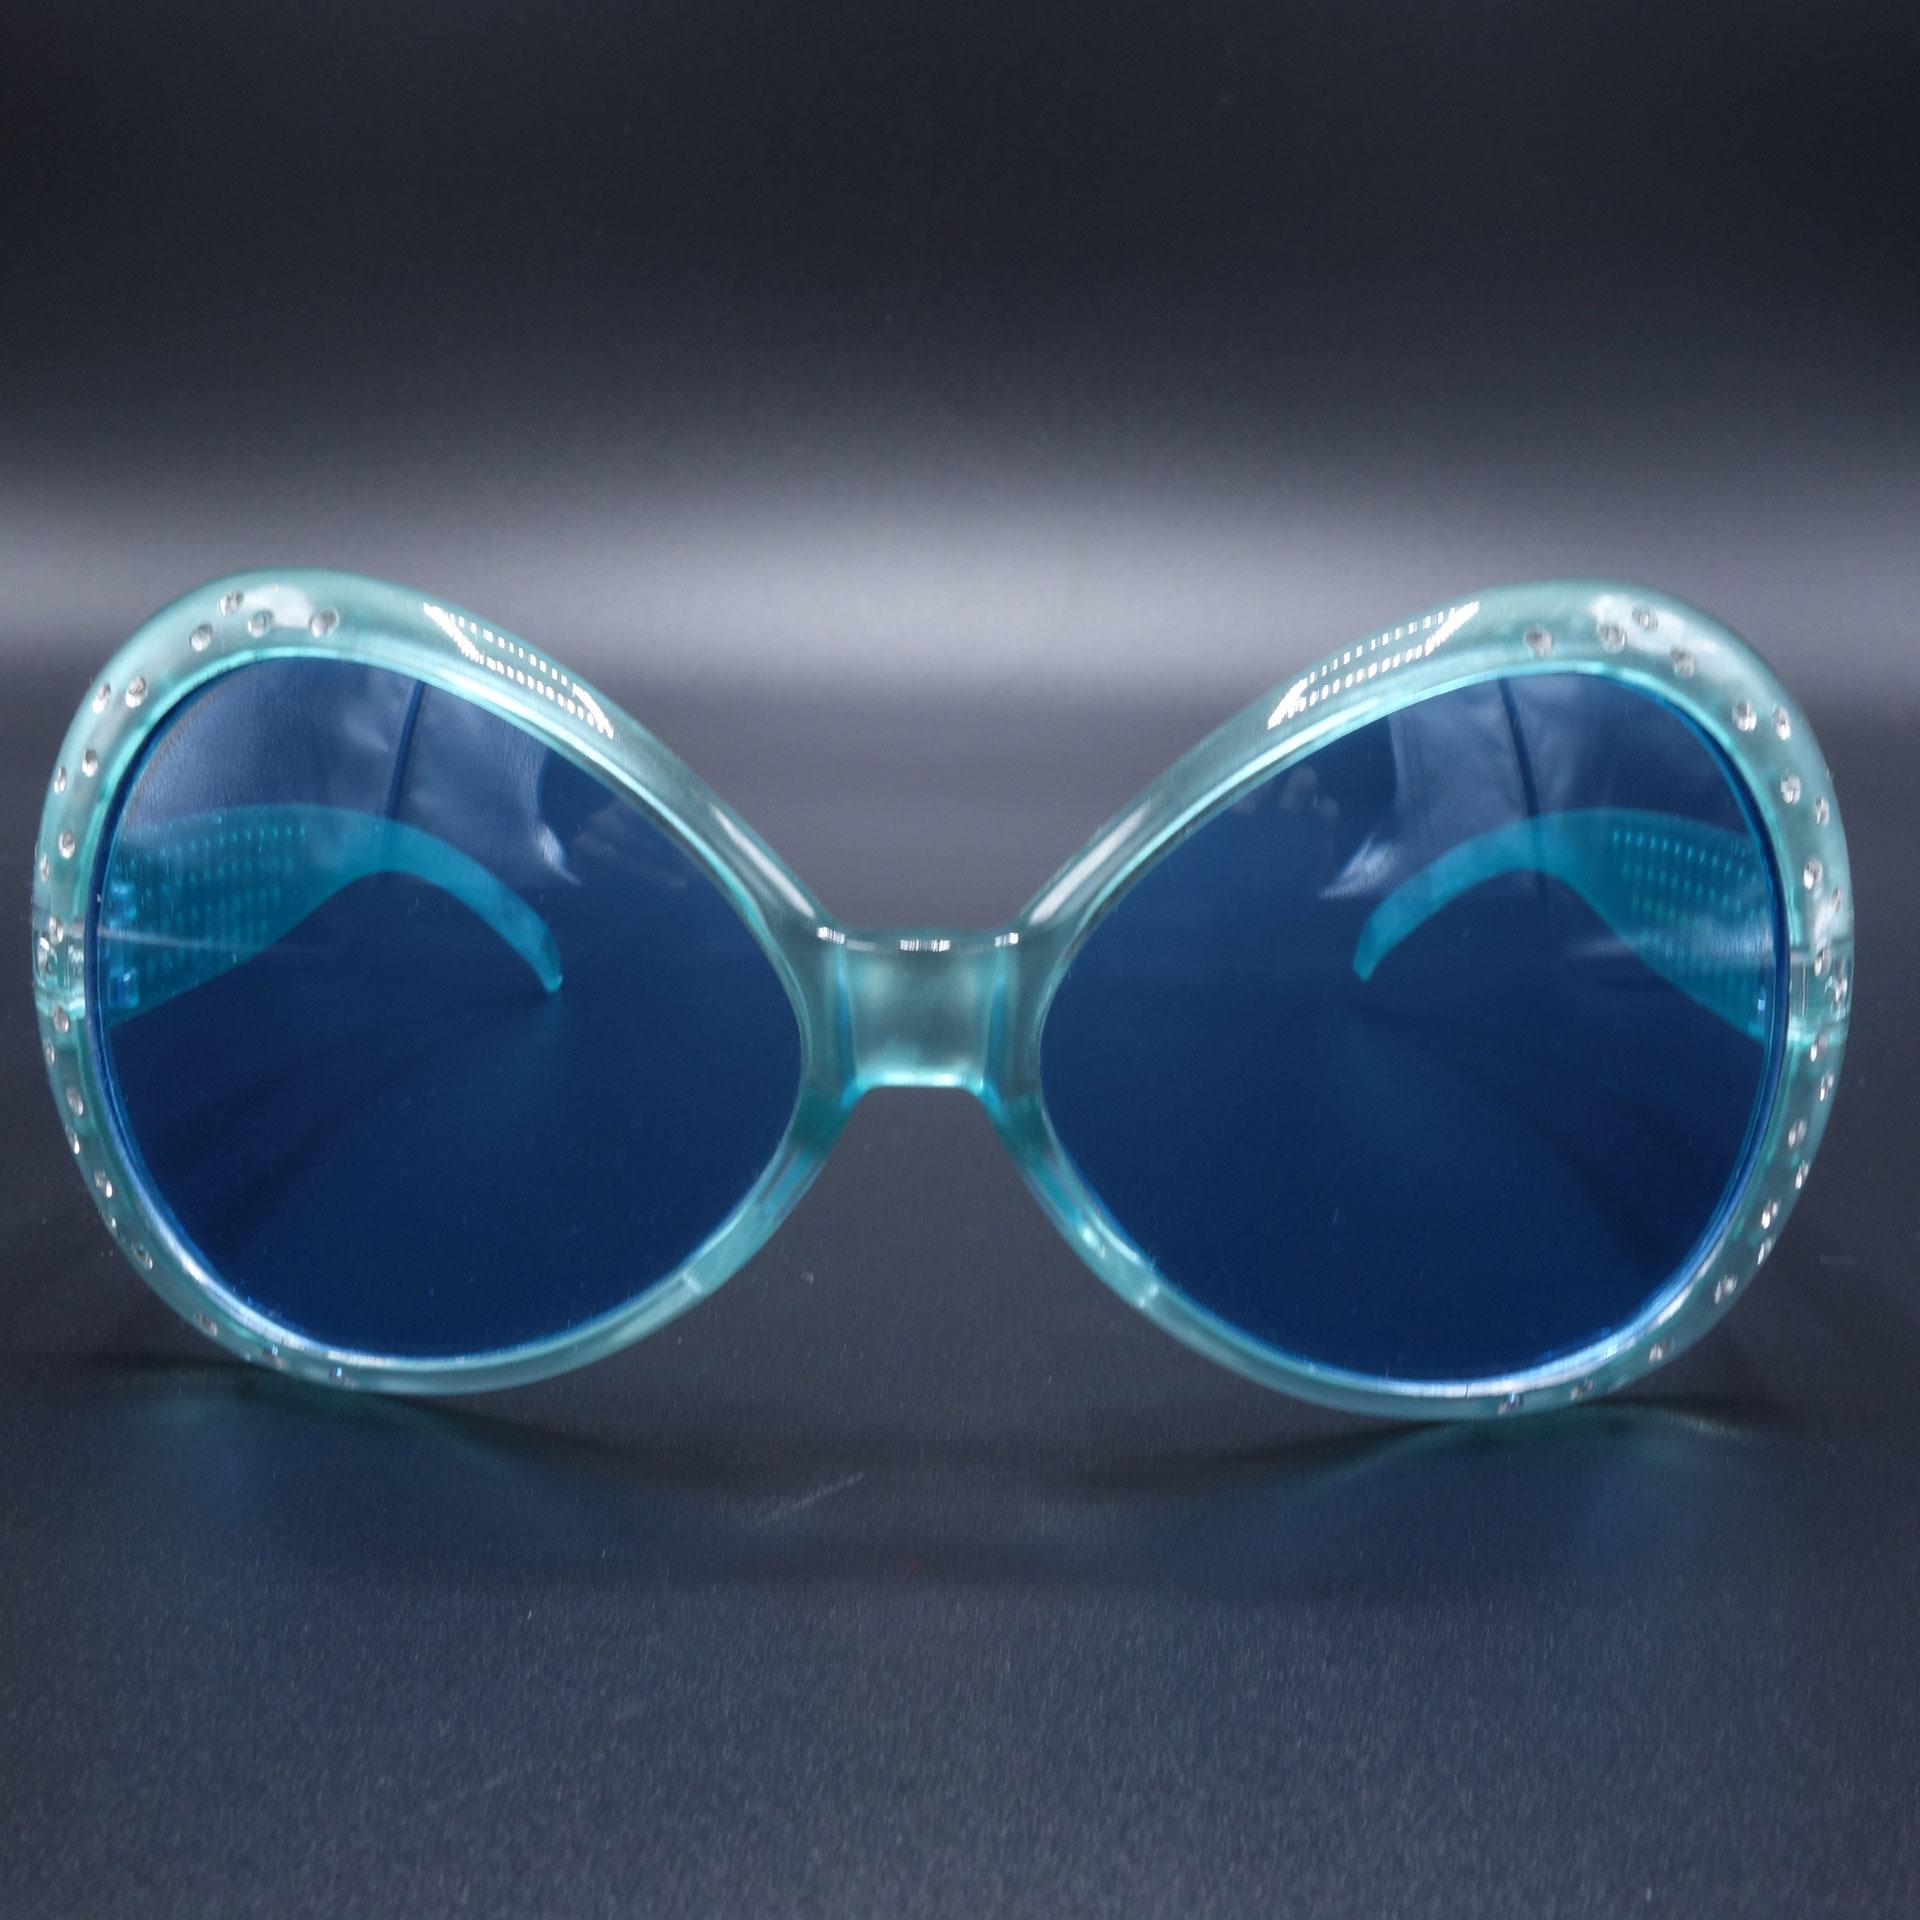 Partybrille Spassbrille Scherzarikel Große Blaue Brille Mit Glitzersteinen